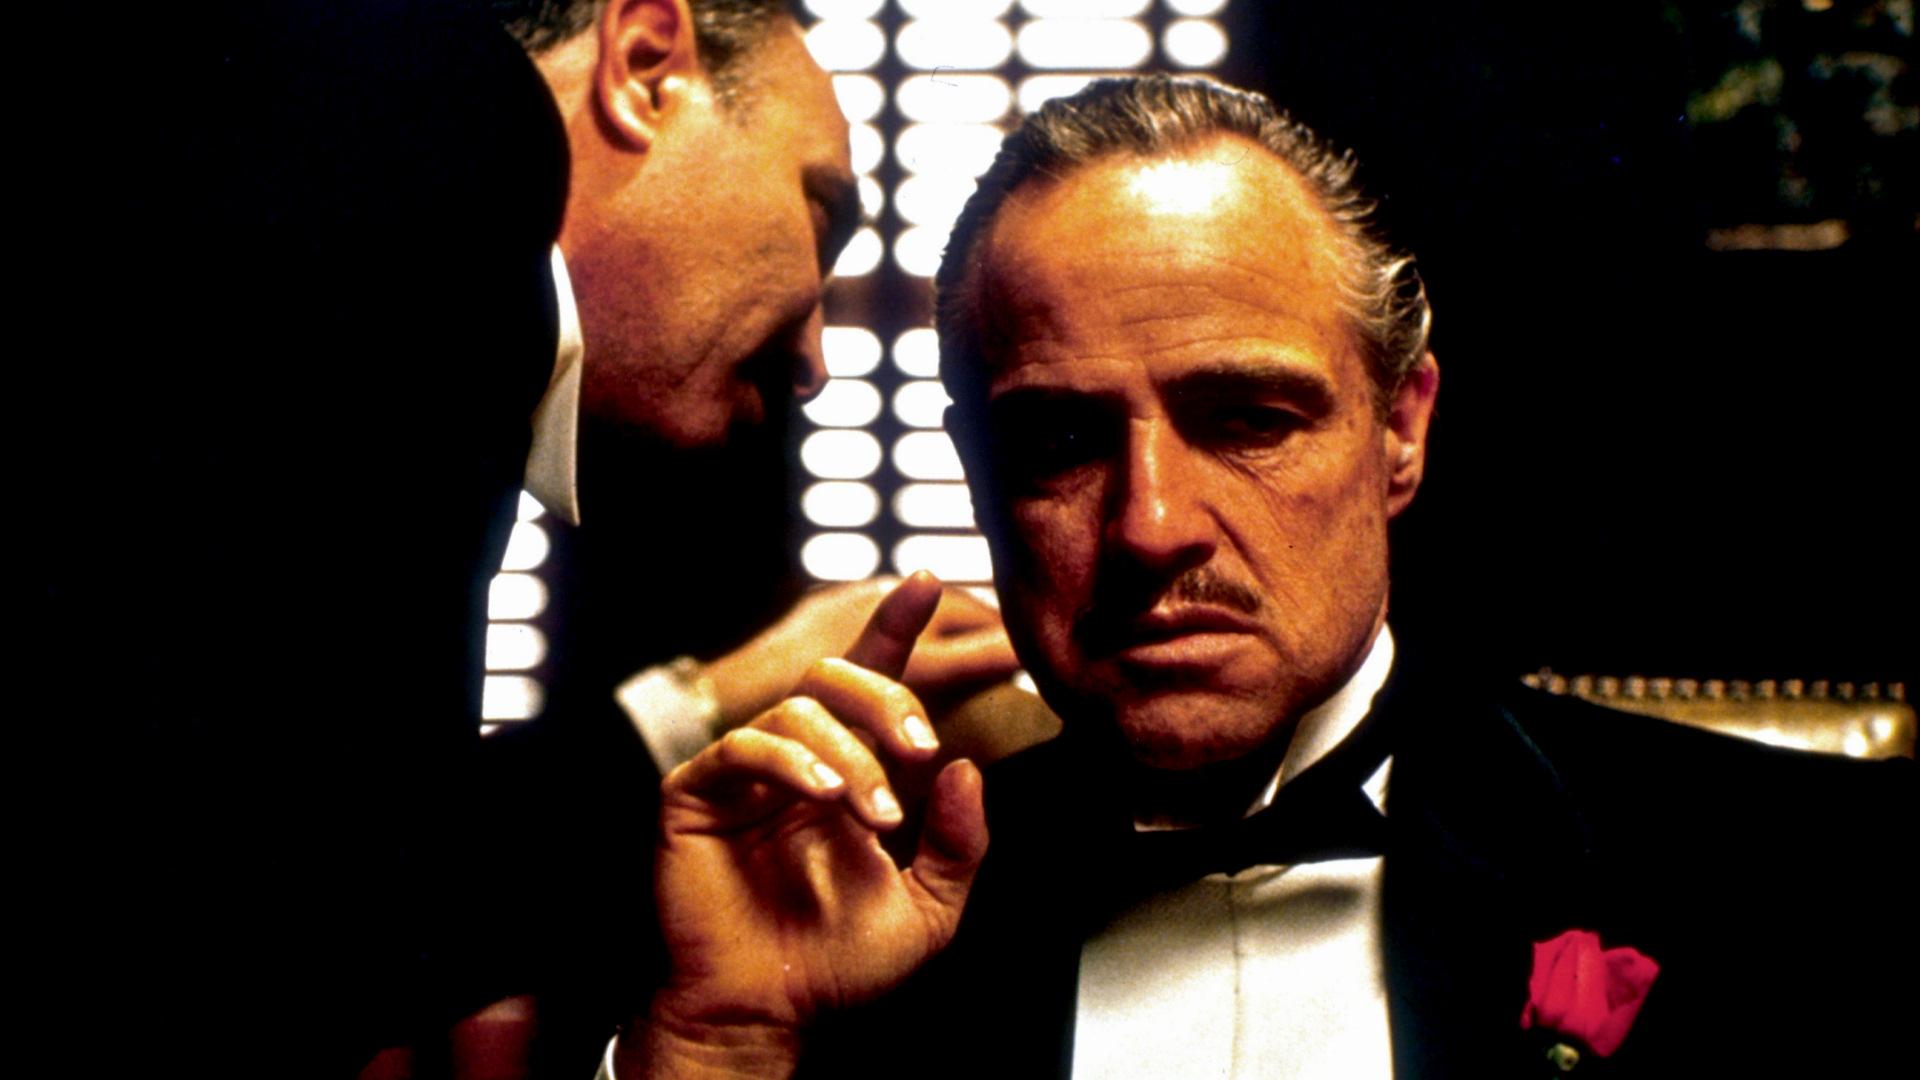 Il Padrino: Marlon Brando in una sequenza del film